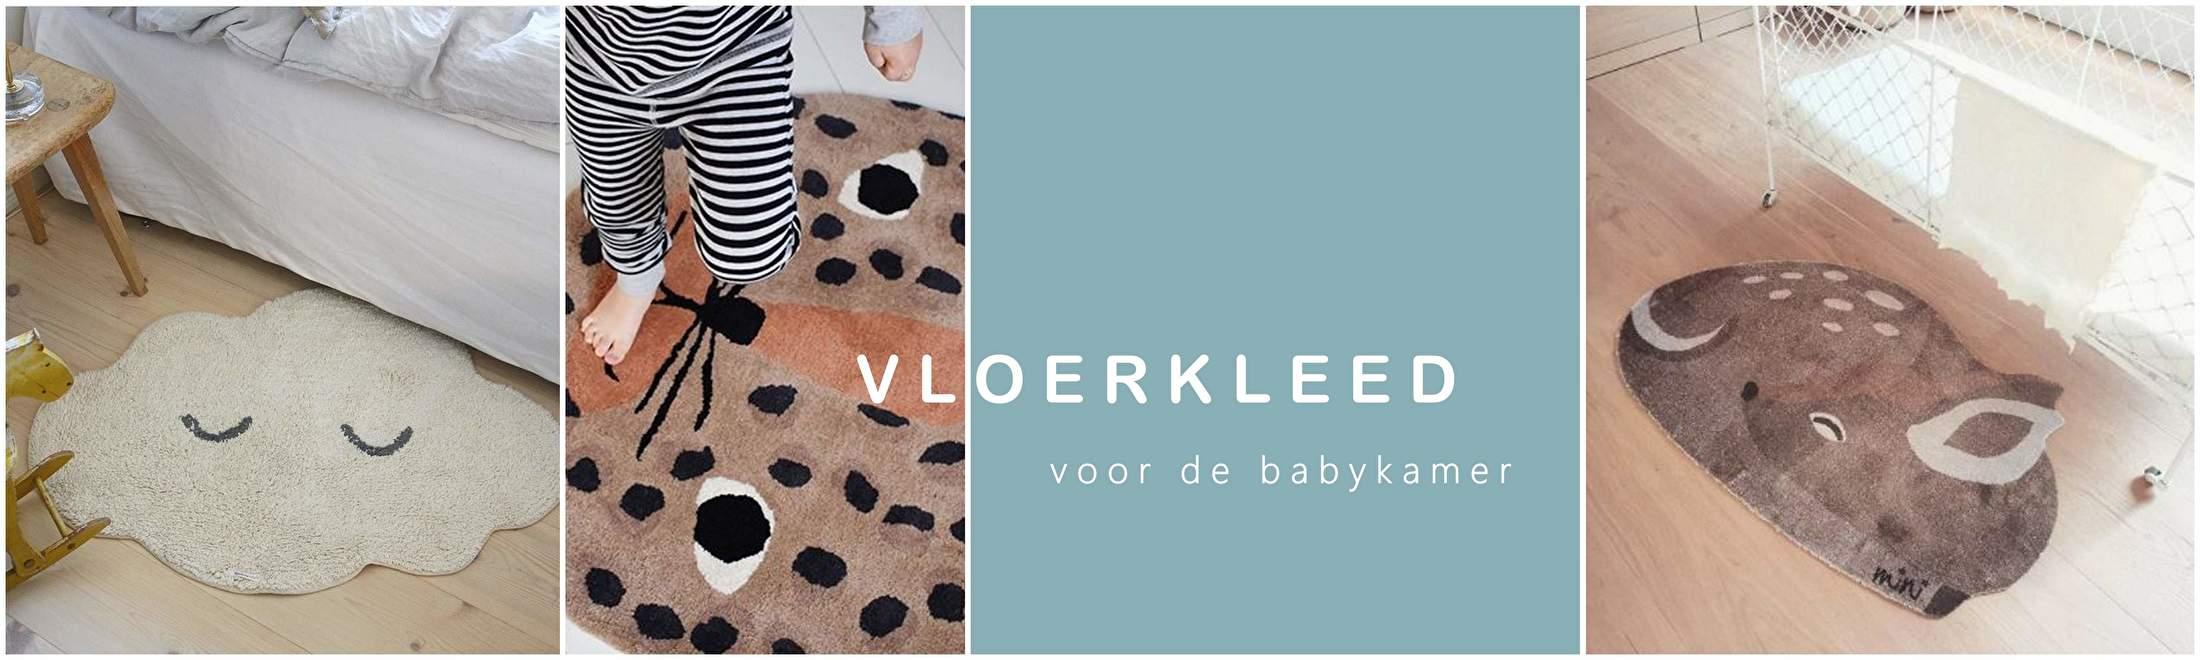 BABYKAMER VLOERKLEDEN | ZUSJEZ.NL